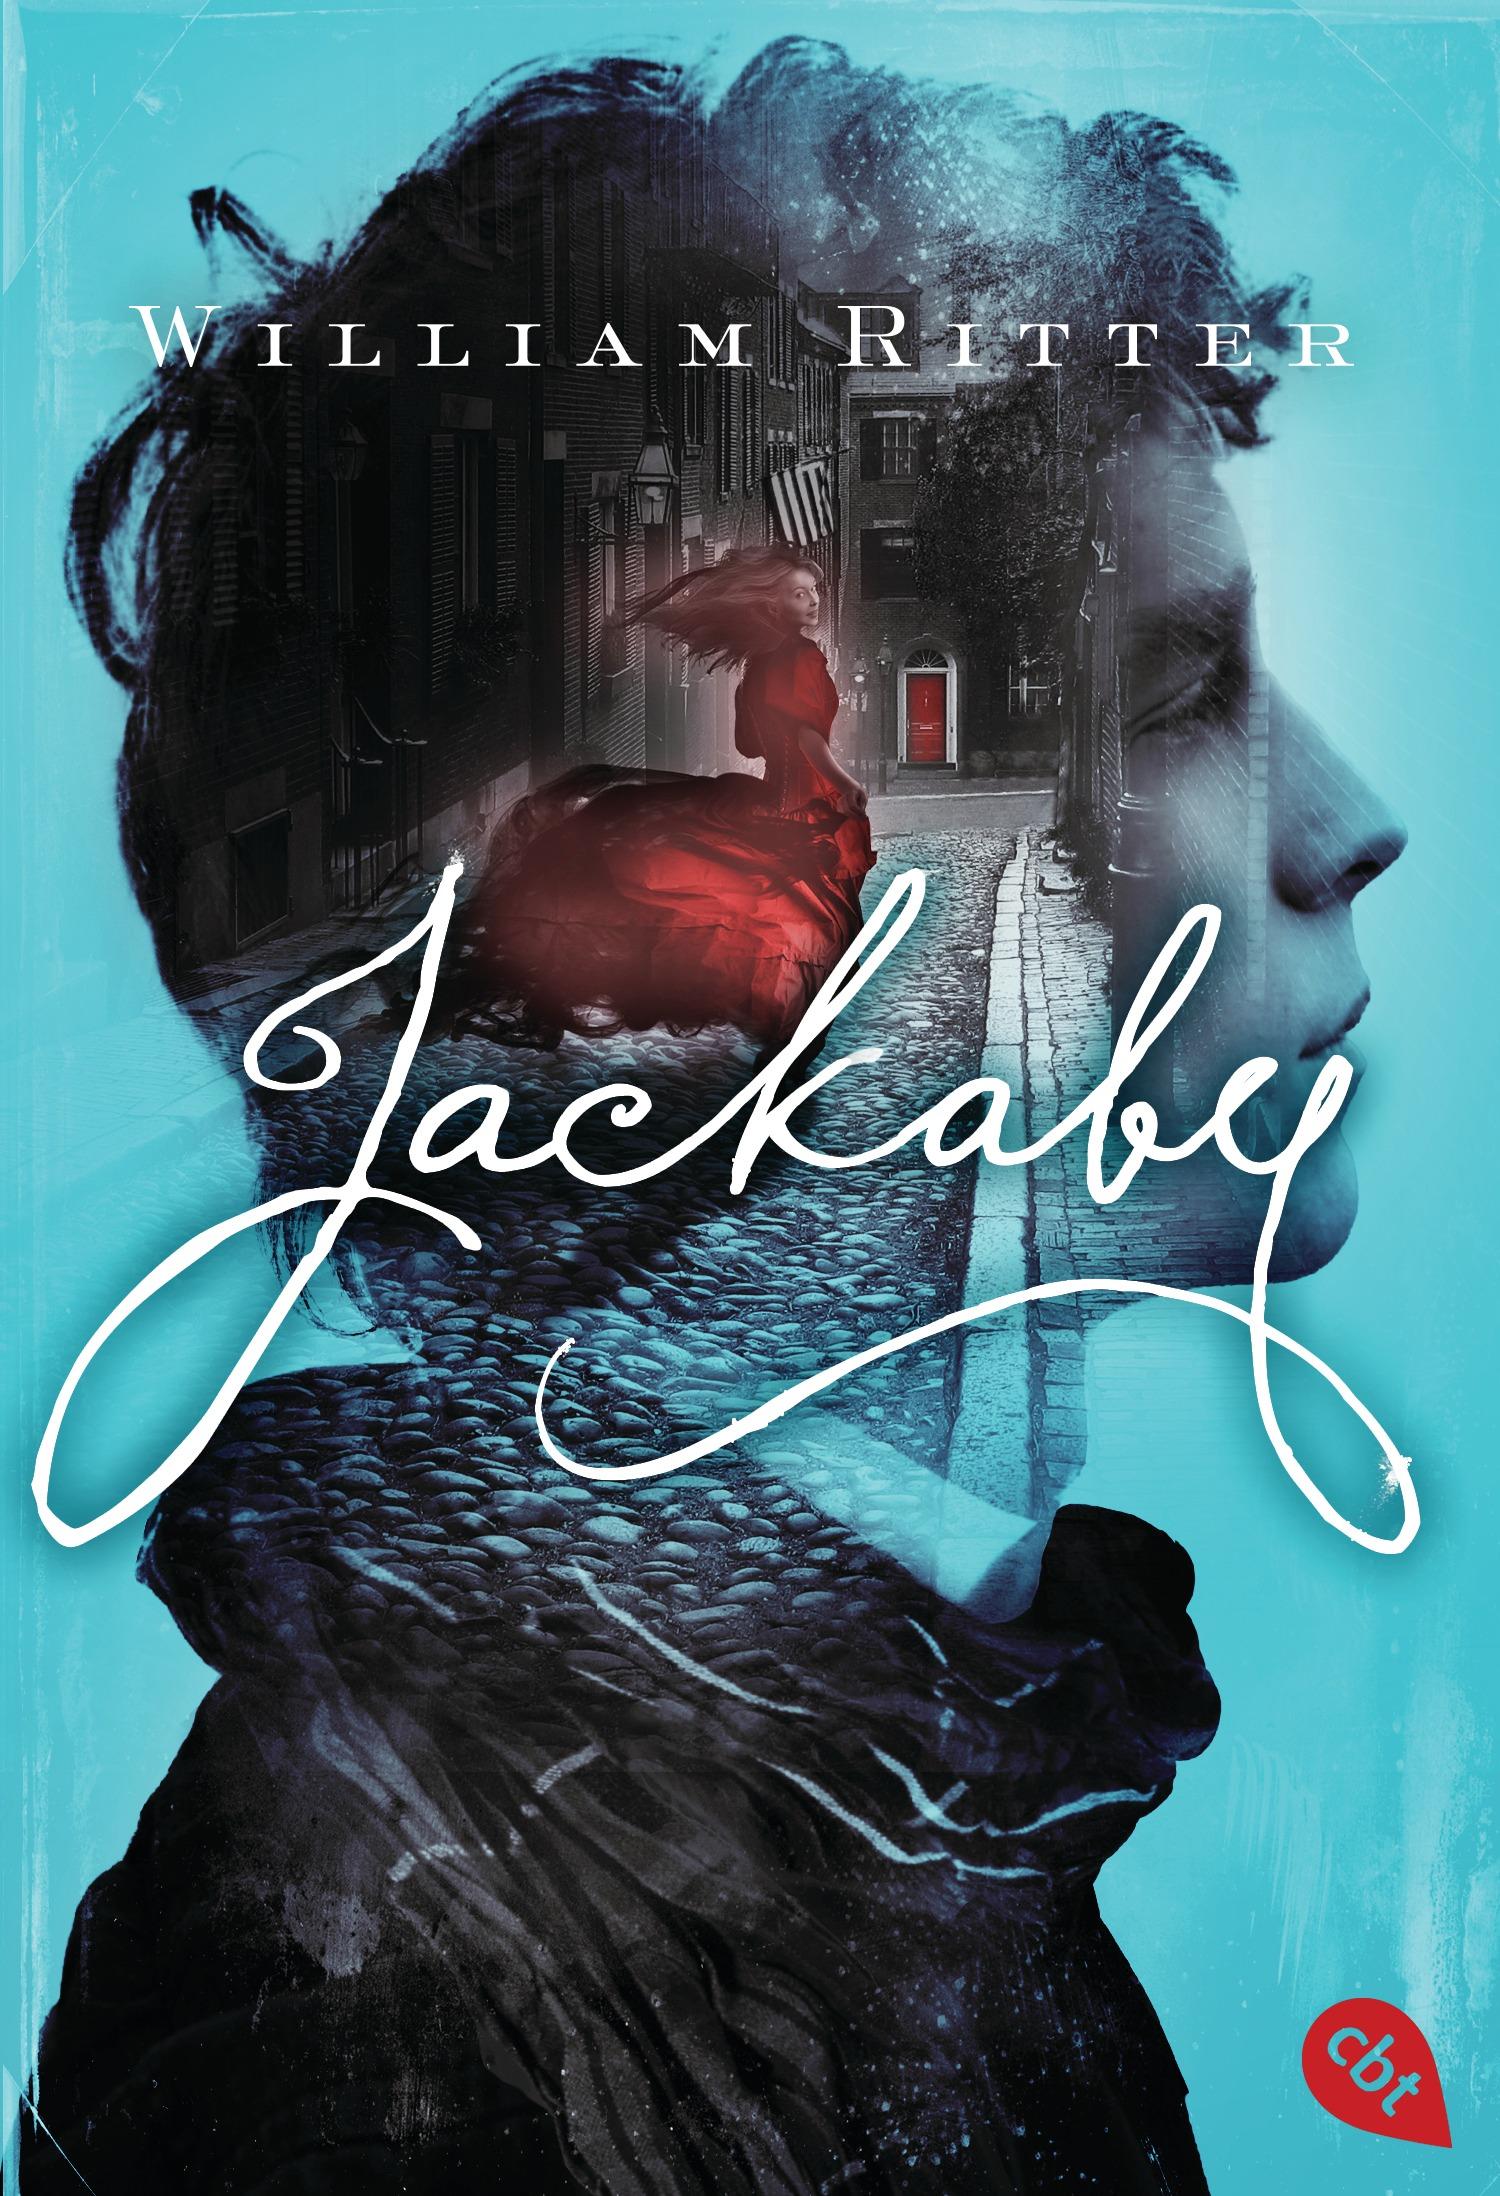 JACKABY von William Ritter